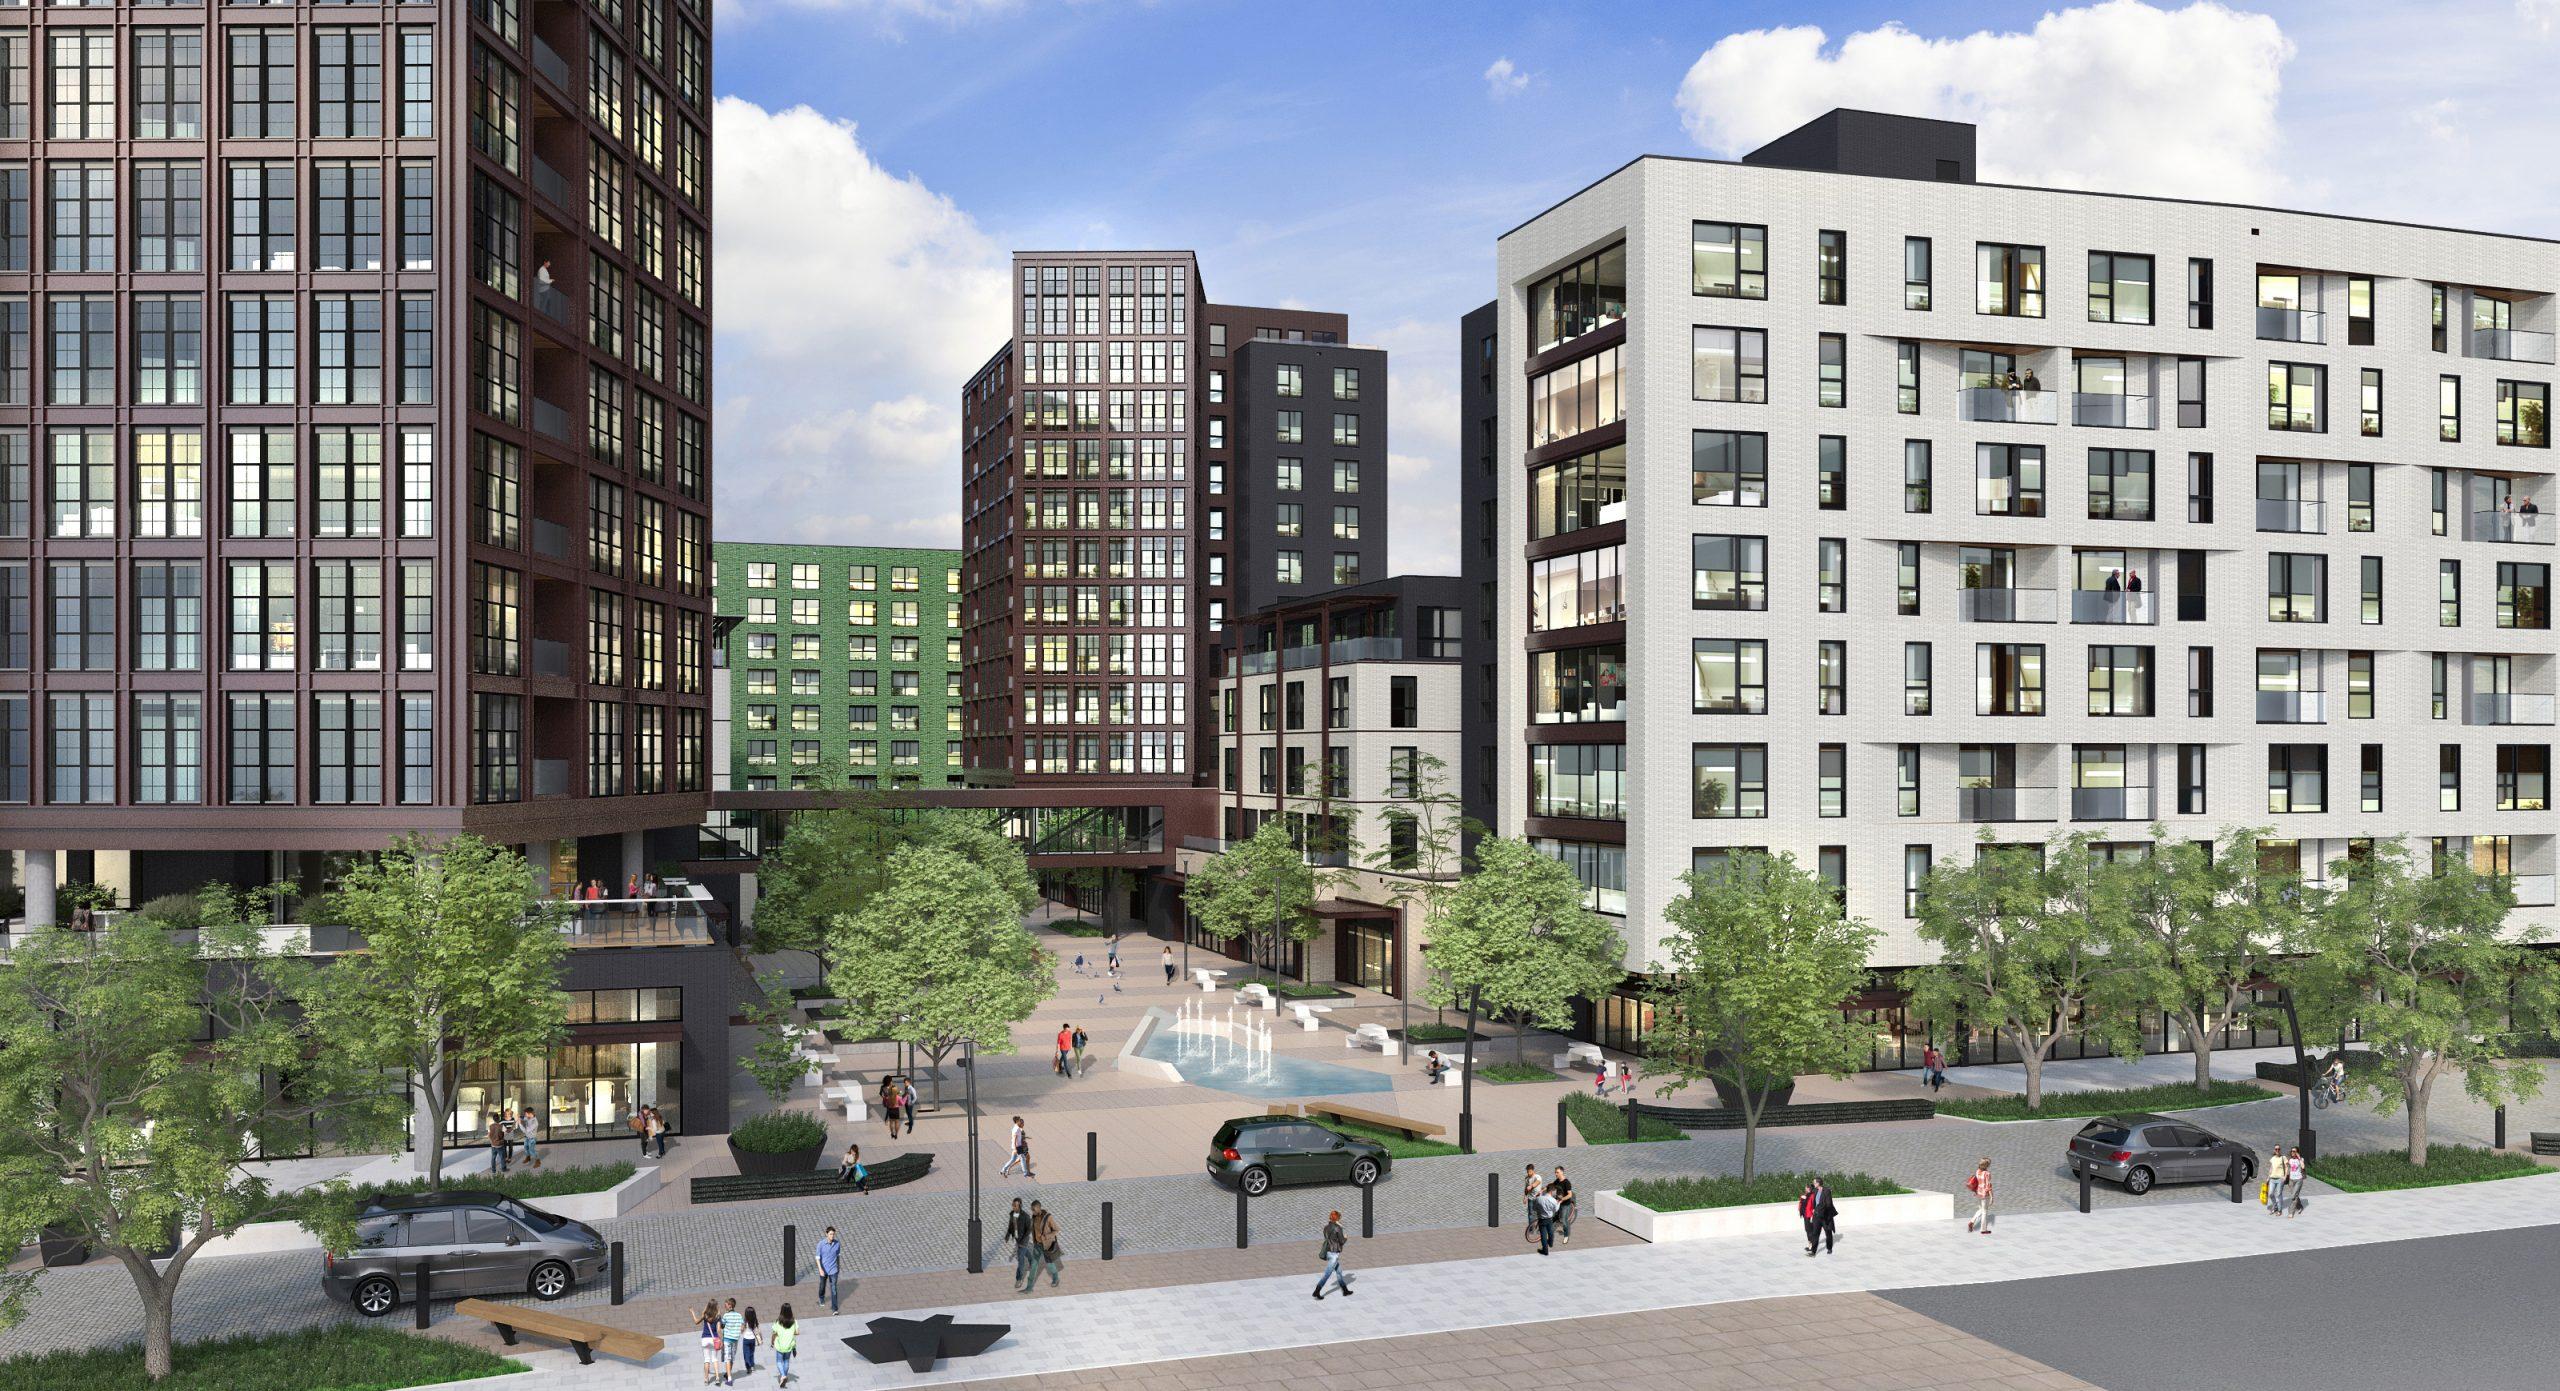 Piazza Terminal rendering looking northeast from Germantown Avenue. Image via Post Brothers